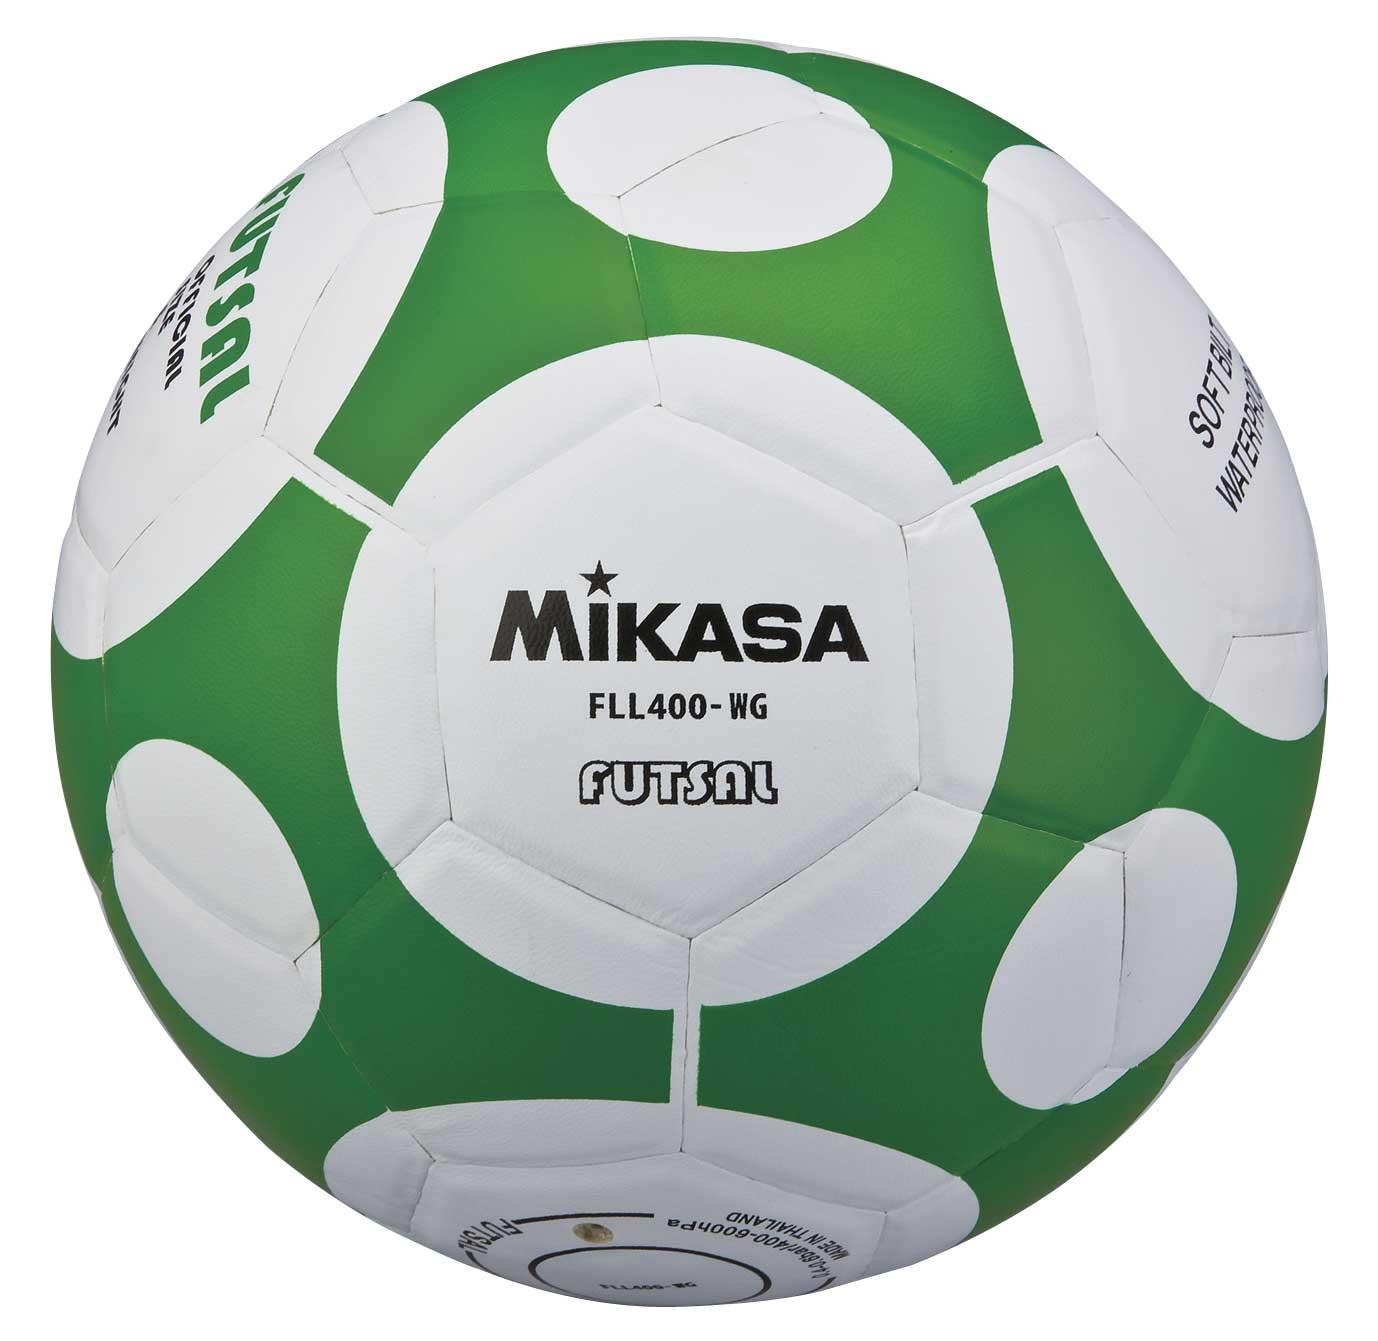 ฟุตซอล MIKASA FLL400